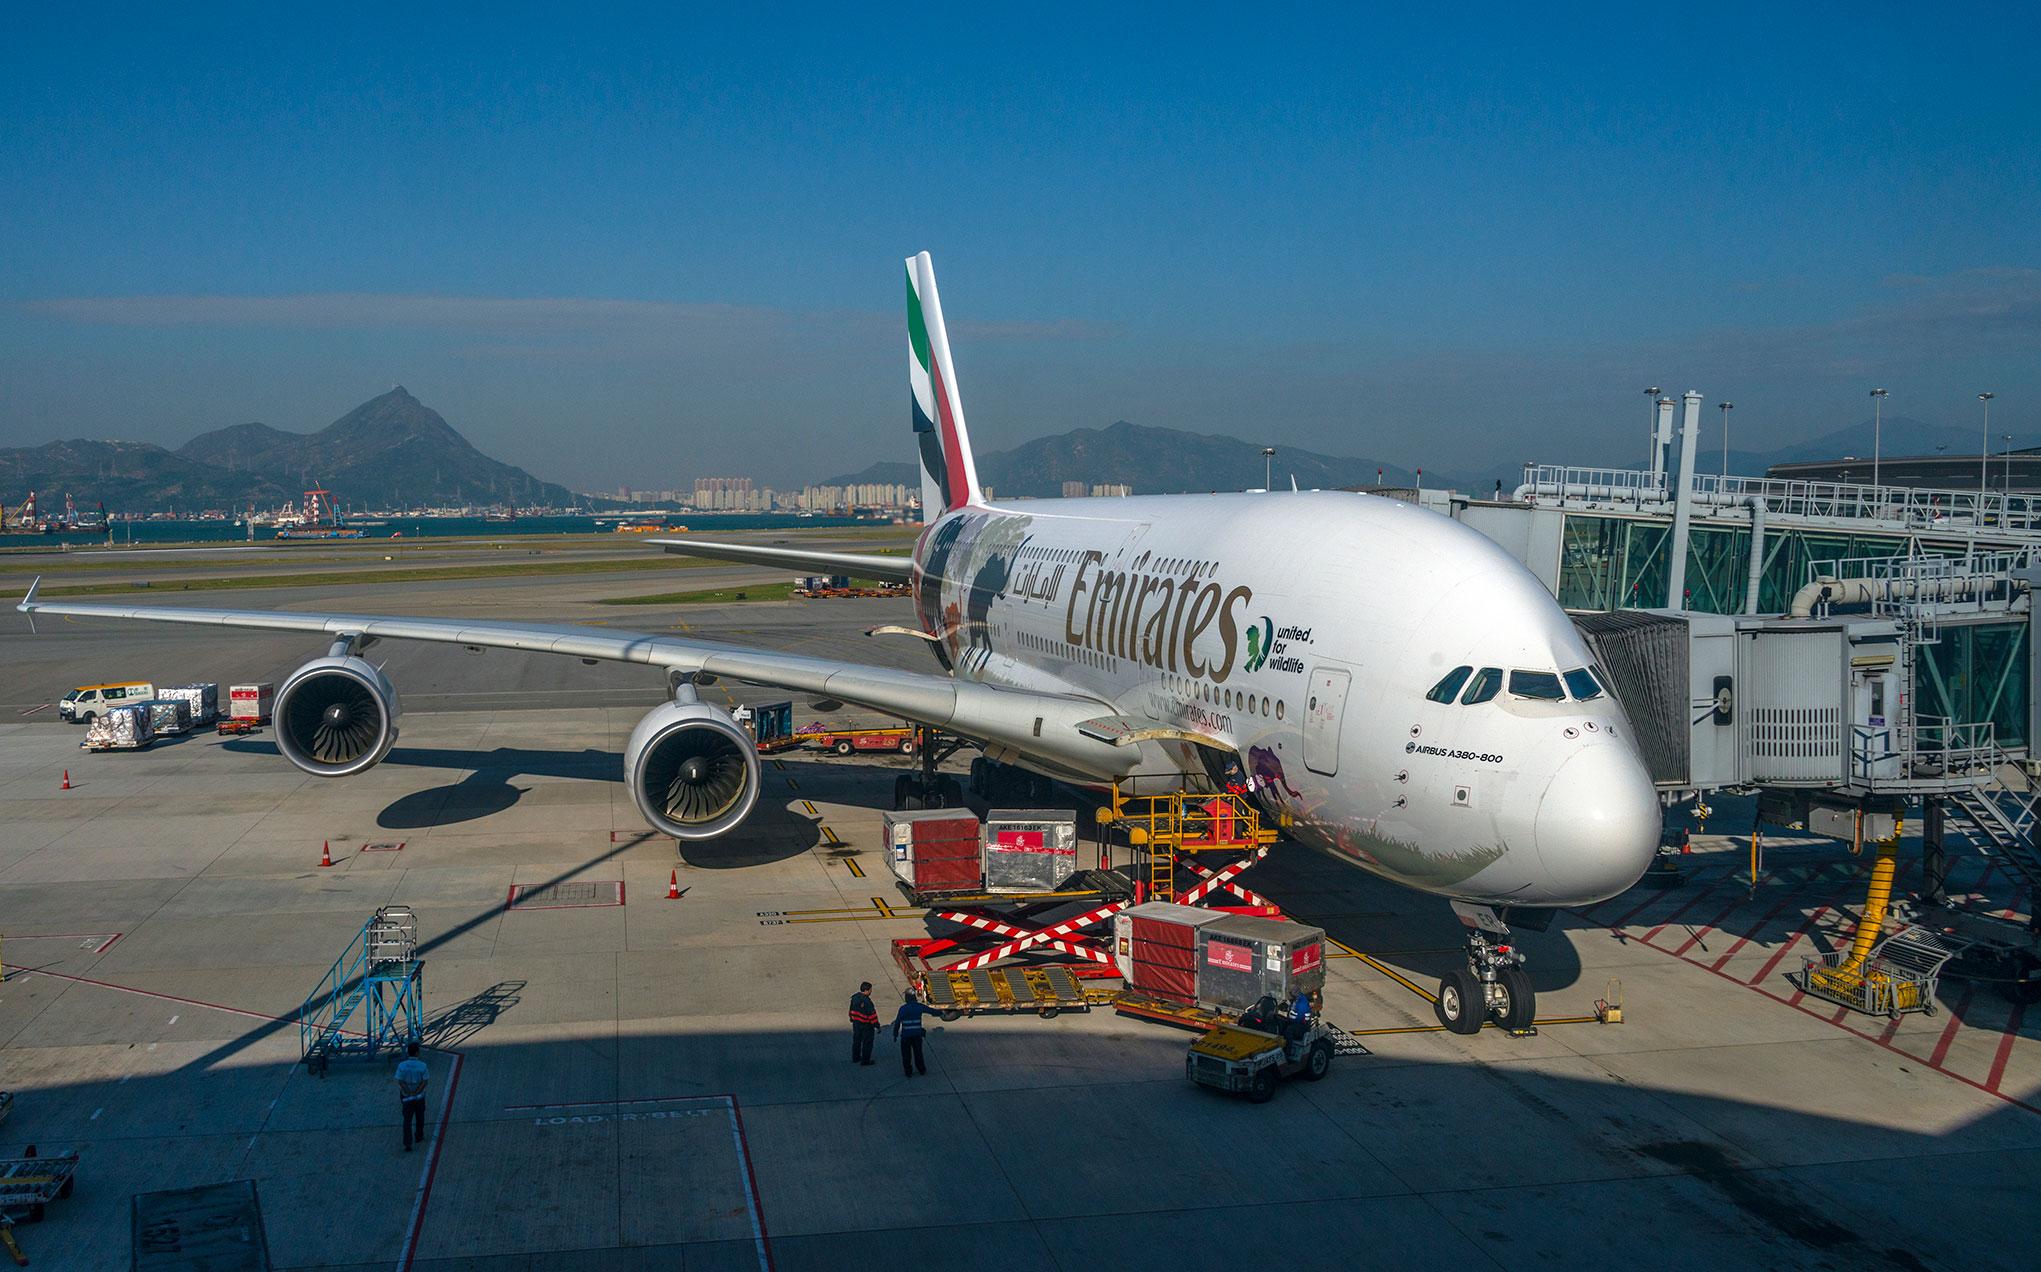 Emirates A380 at Hong Kong airport